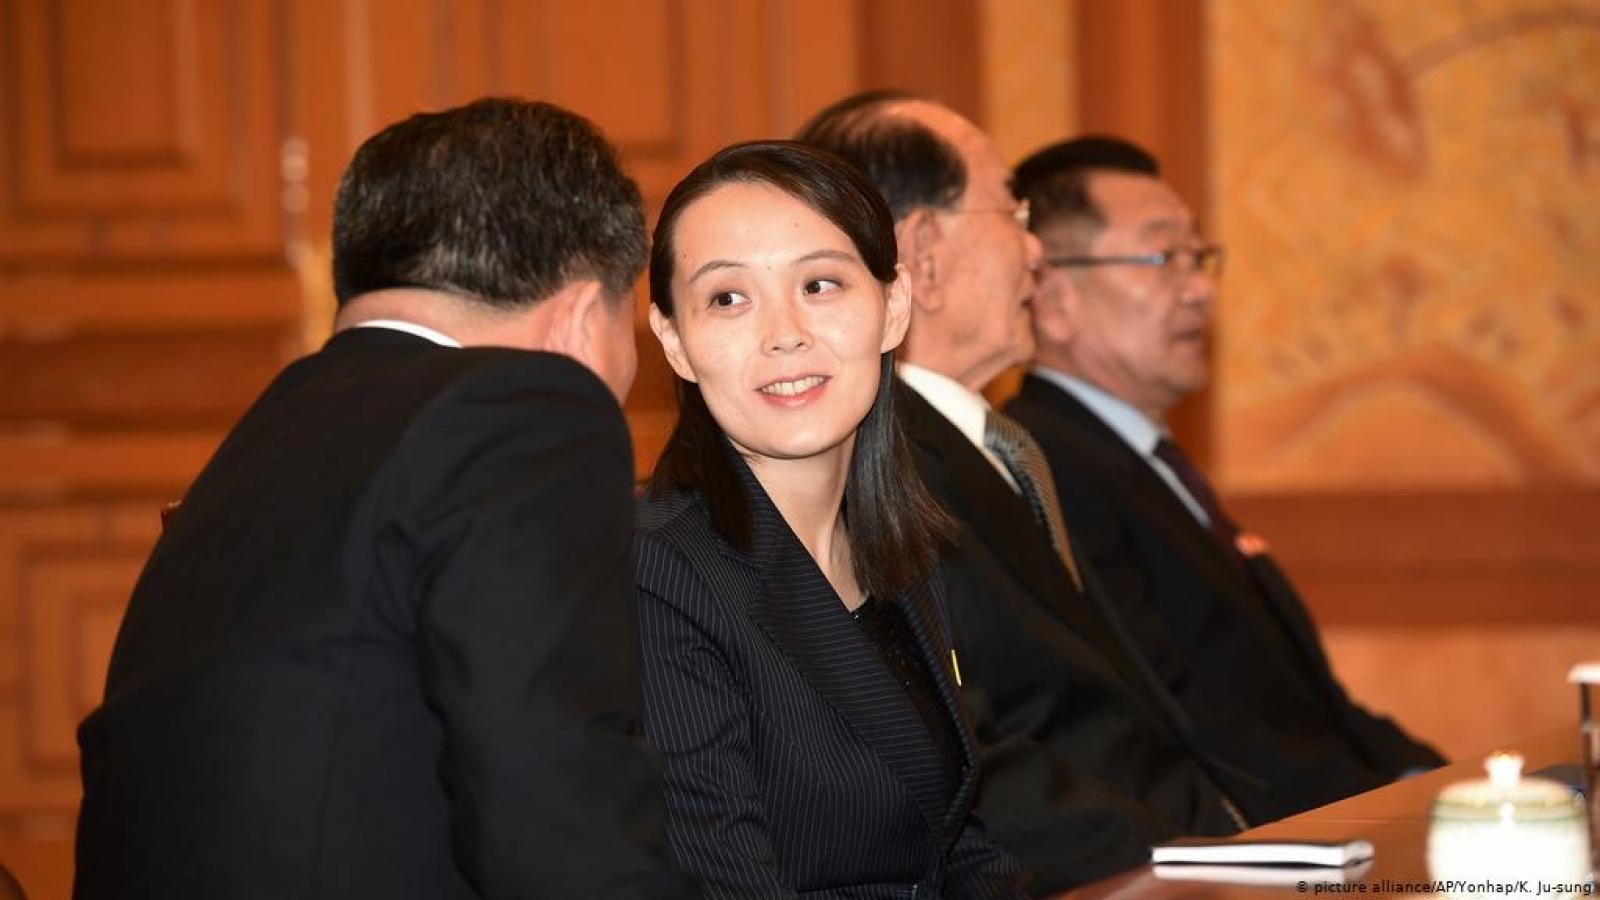 Triều Tiên chỉ trích phát ngôn của Ngoại trưởng Hàn Quốc về dịch Covid-19